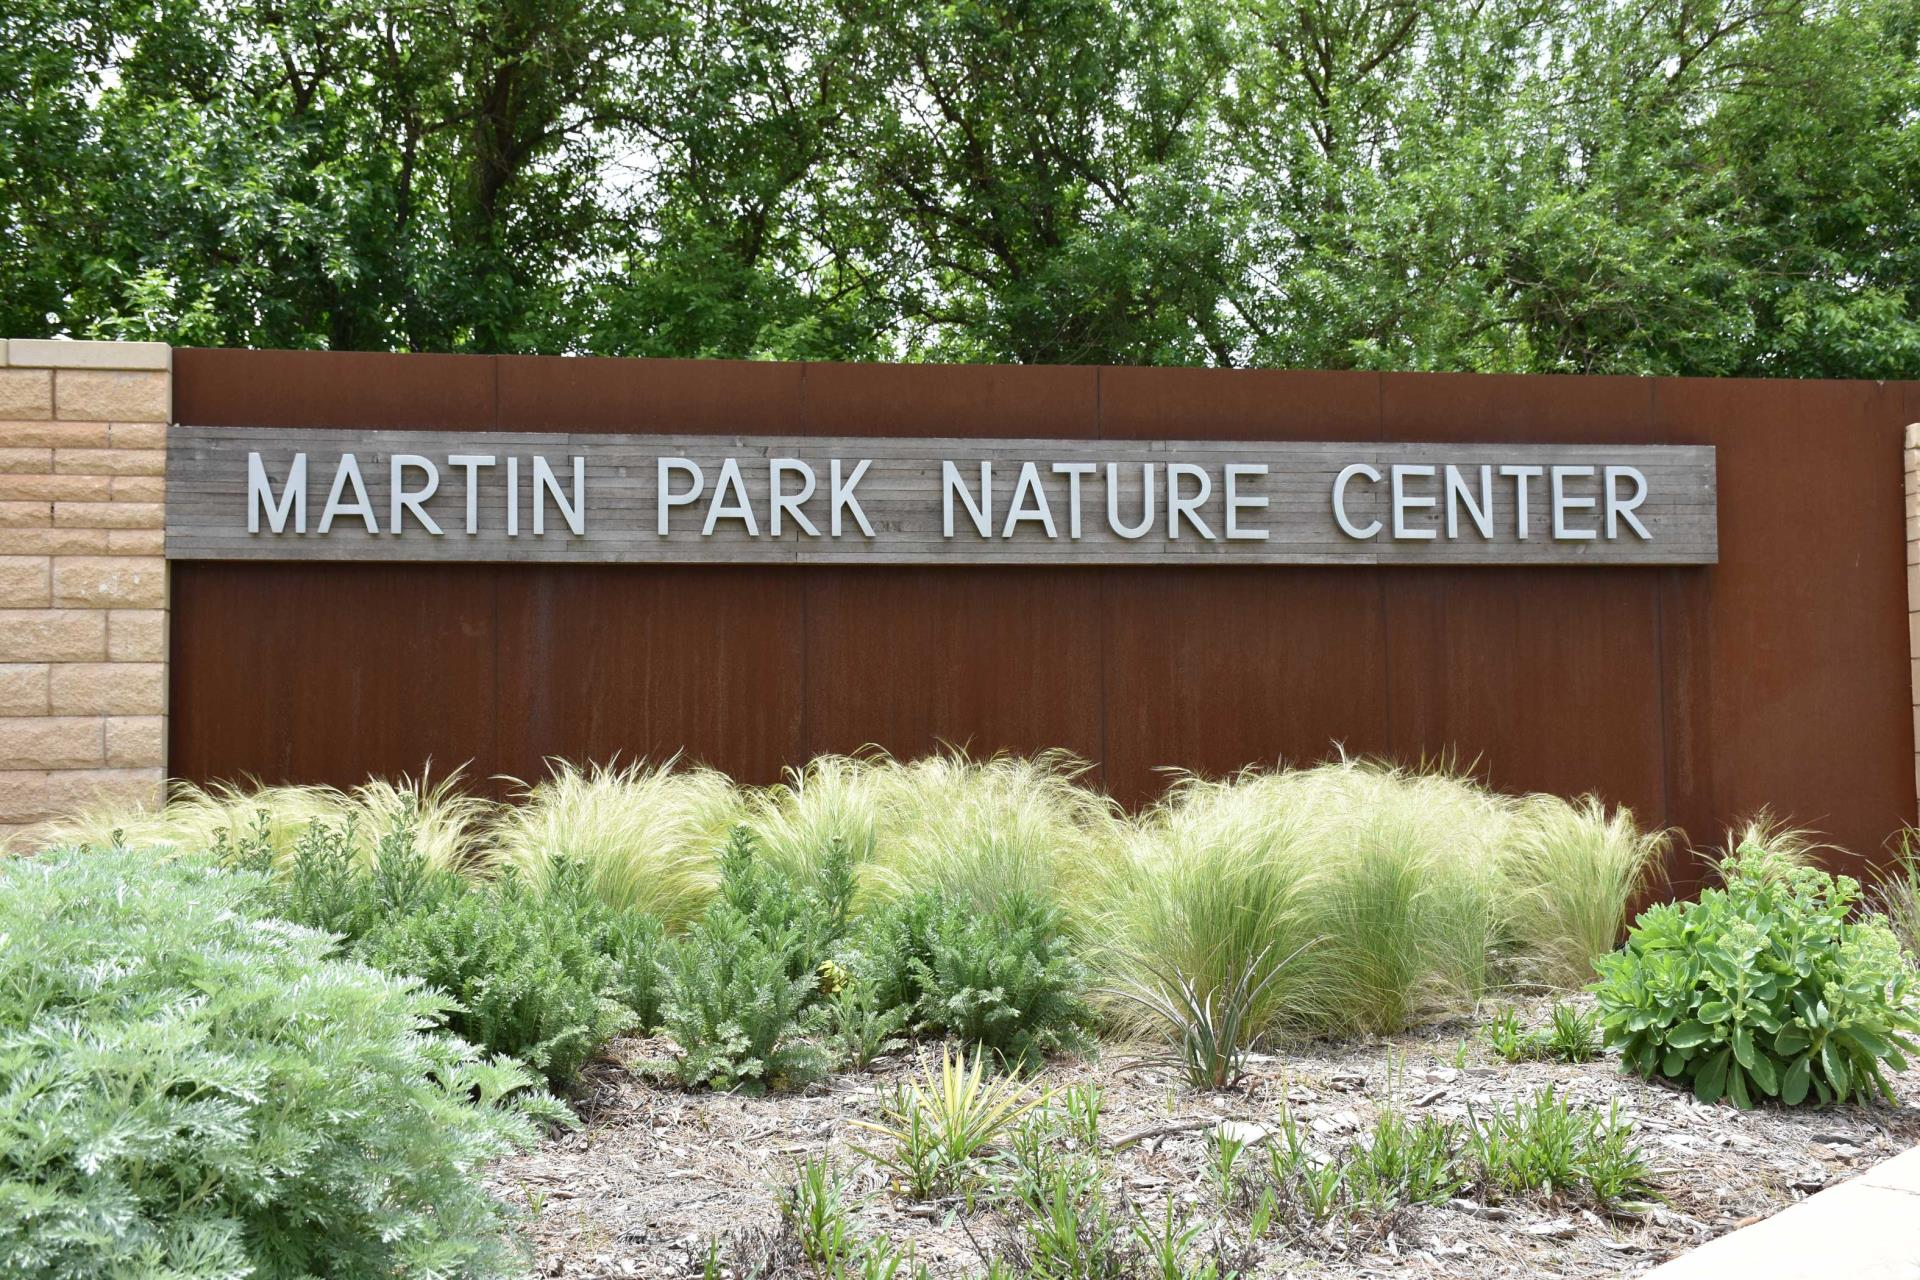 Martin Park Nature Center Hours